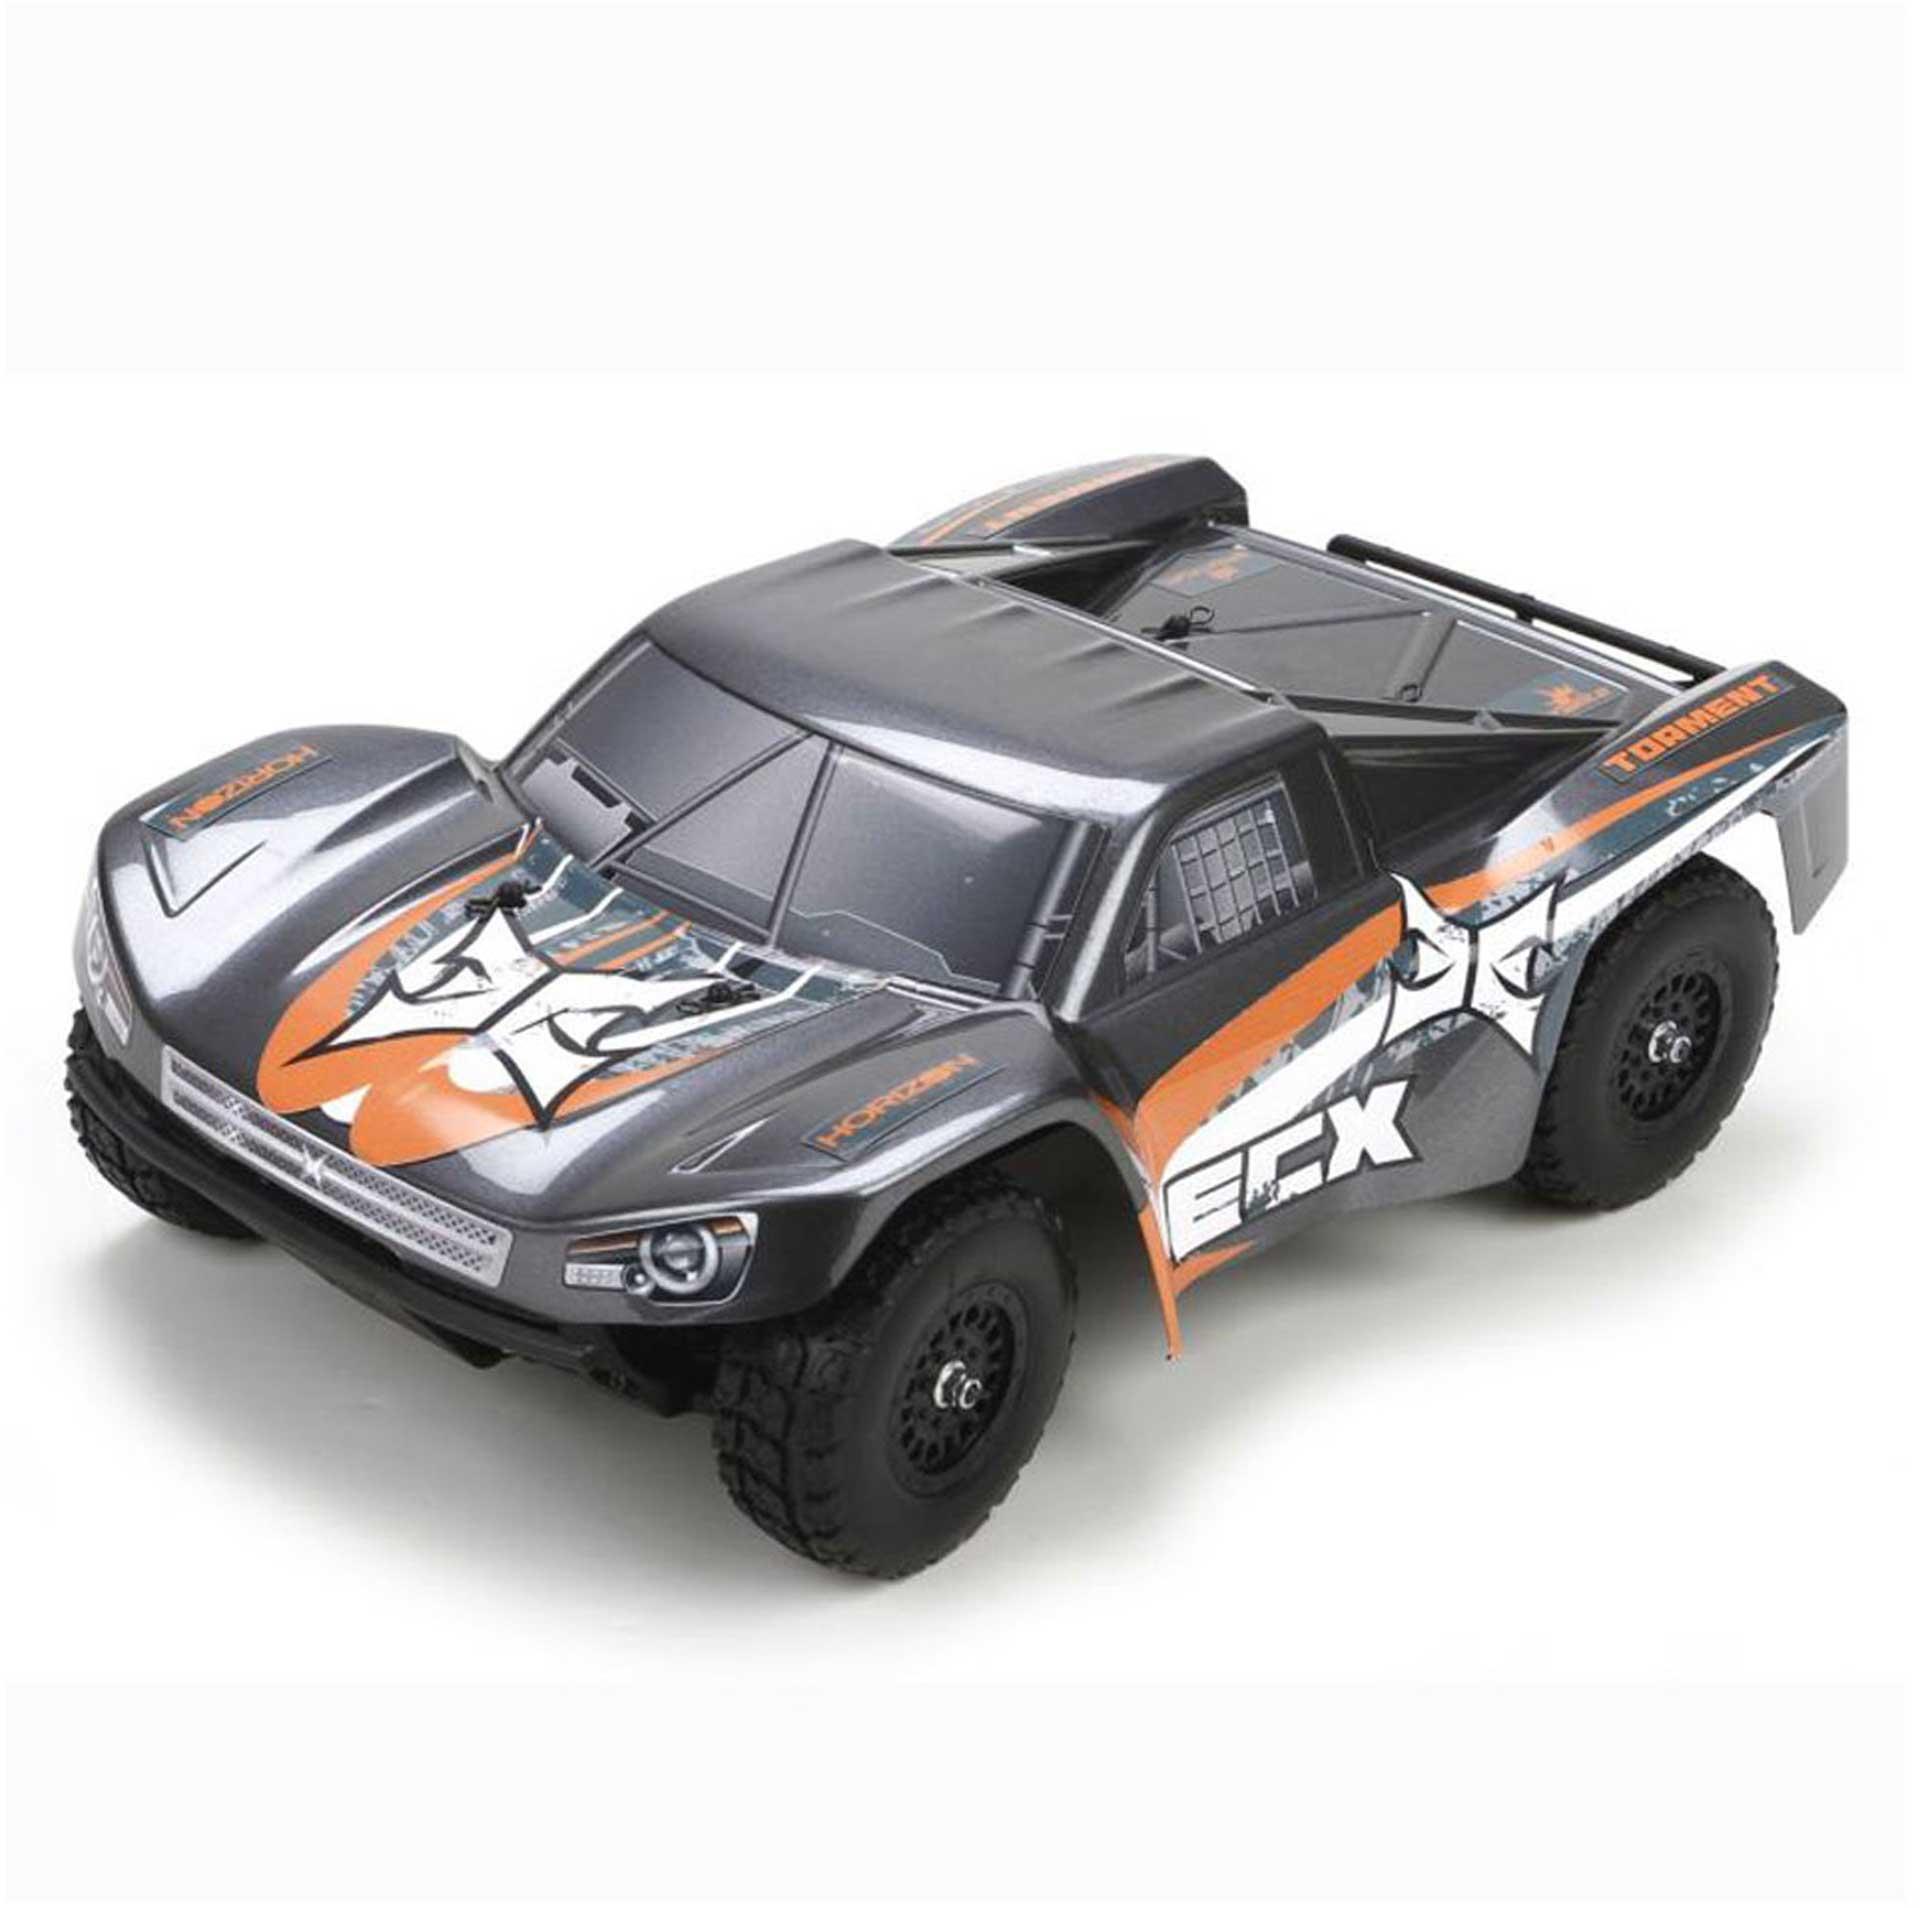 ECX TORMENT 4WD SHORT COURSE TRUCK RTR GRAU/ORANGE